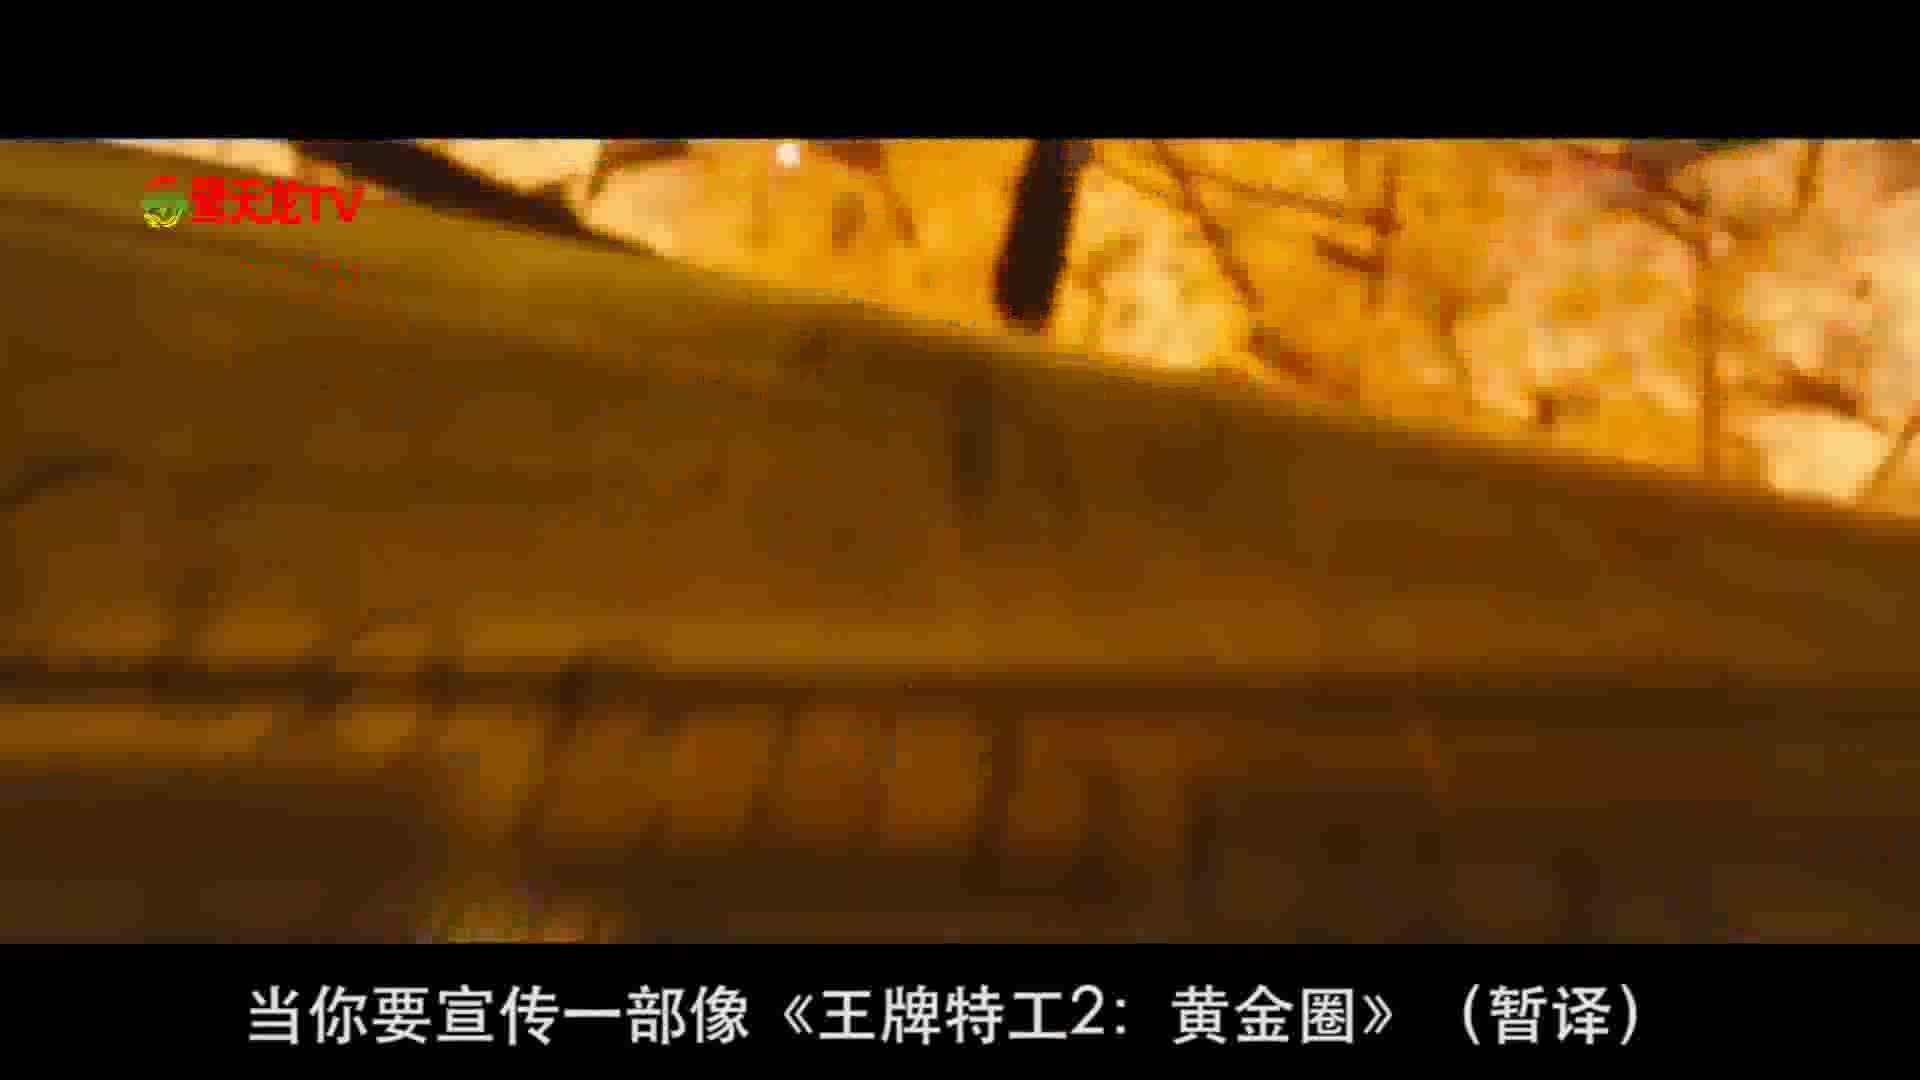 《王牌特工2:黄金圈》创意视频 超级日全食登陆引围观